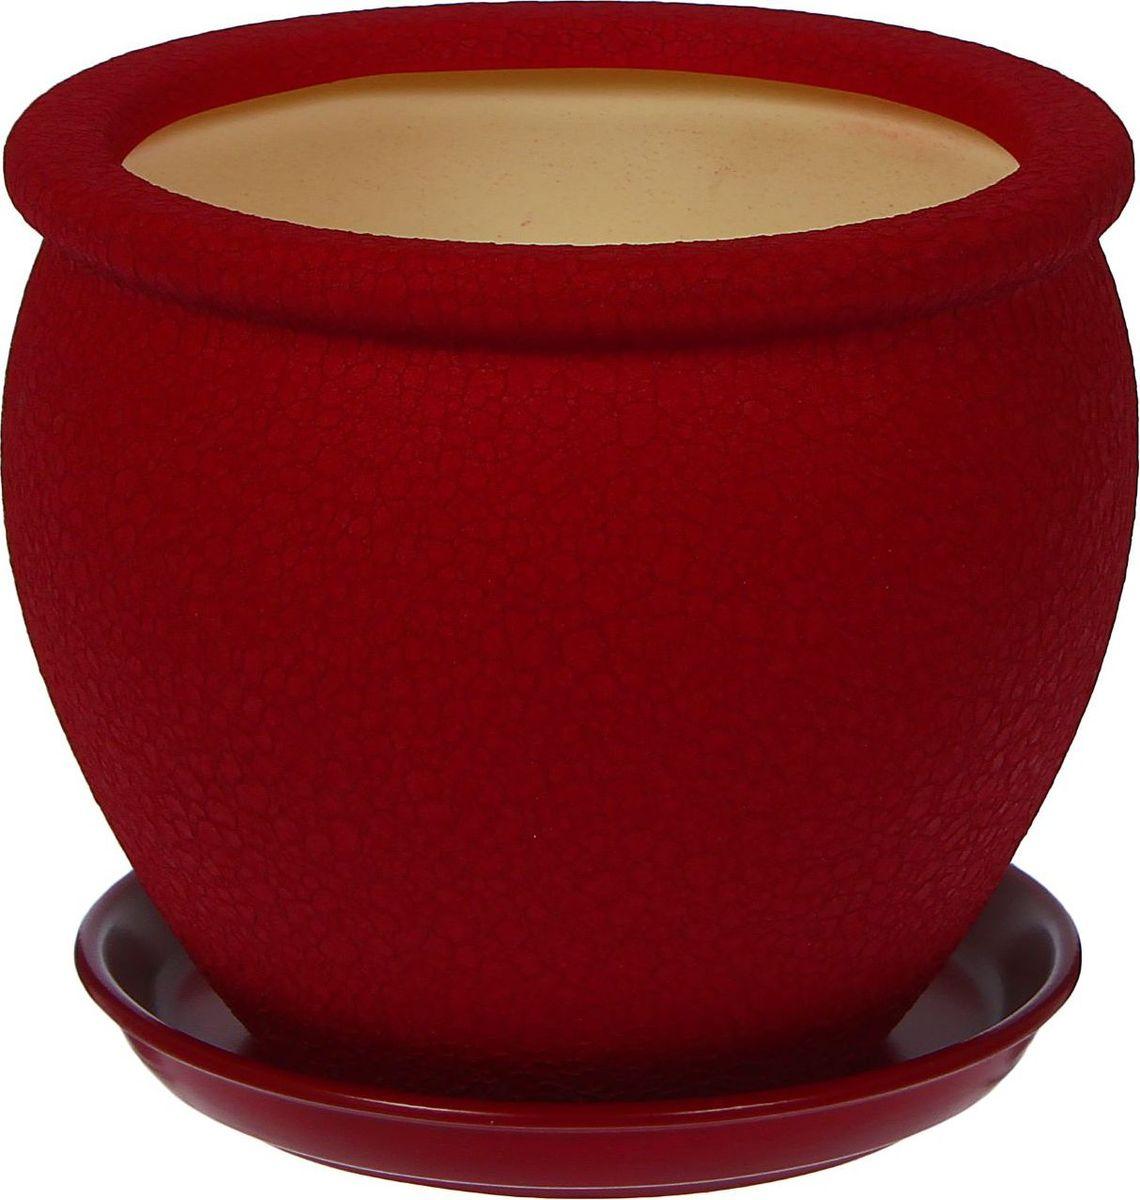 Кашпо Керамика ручной работы Вьетнам, цвет: бордовый, 5 л1019393Декоративное кашпо, выполненное из высококачественной керамики, предназначено для посадки декоративных растений и станет прекрасным украшением для дома. Пористый материал позволяет испаряться лишней влаге, а воздух, необходимый для дыхания корней, проникает сквозь керамические стенки. Такое кашпо украсит окружающее пространство и подчеркнет его оригинальный стиль.